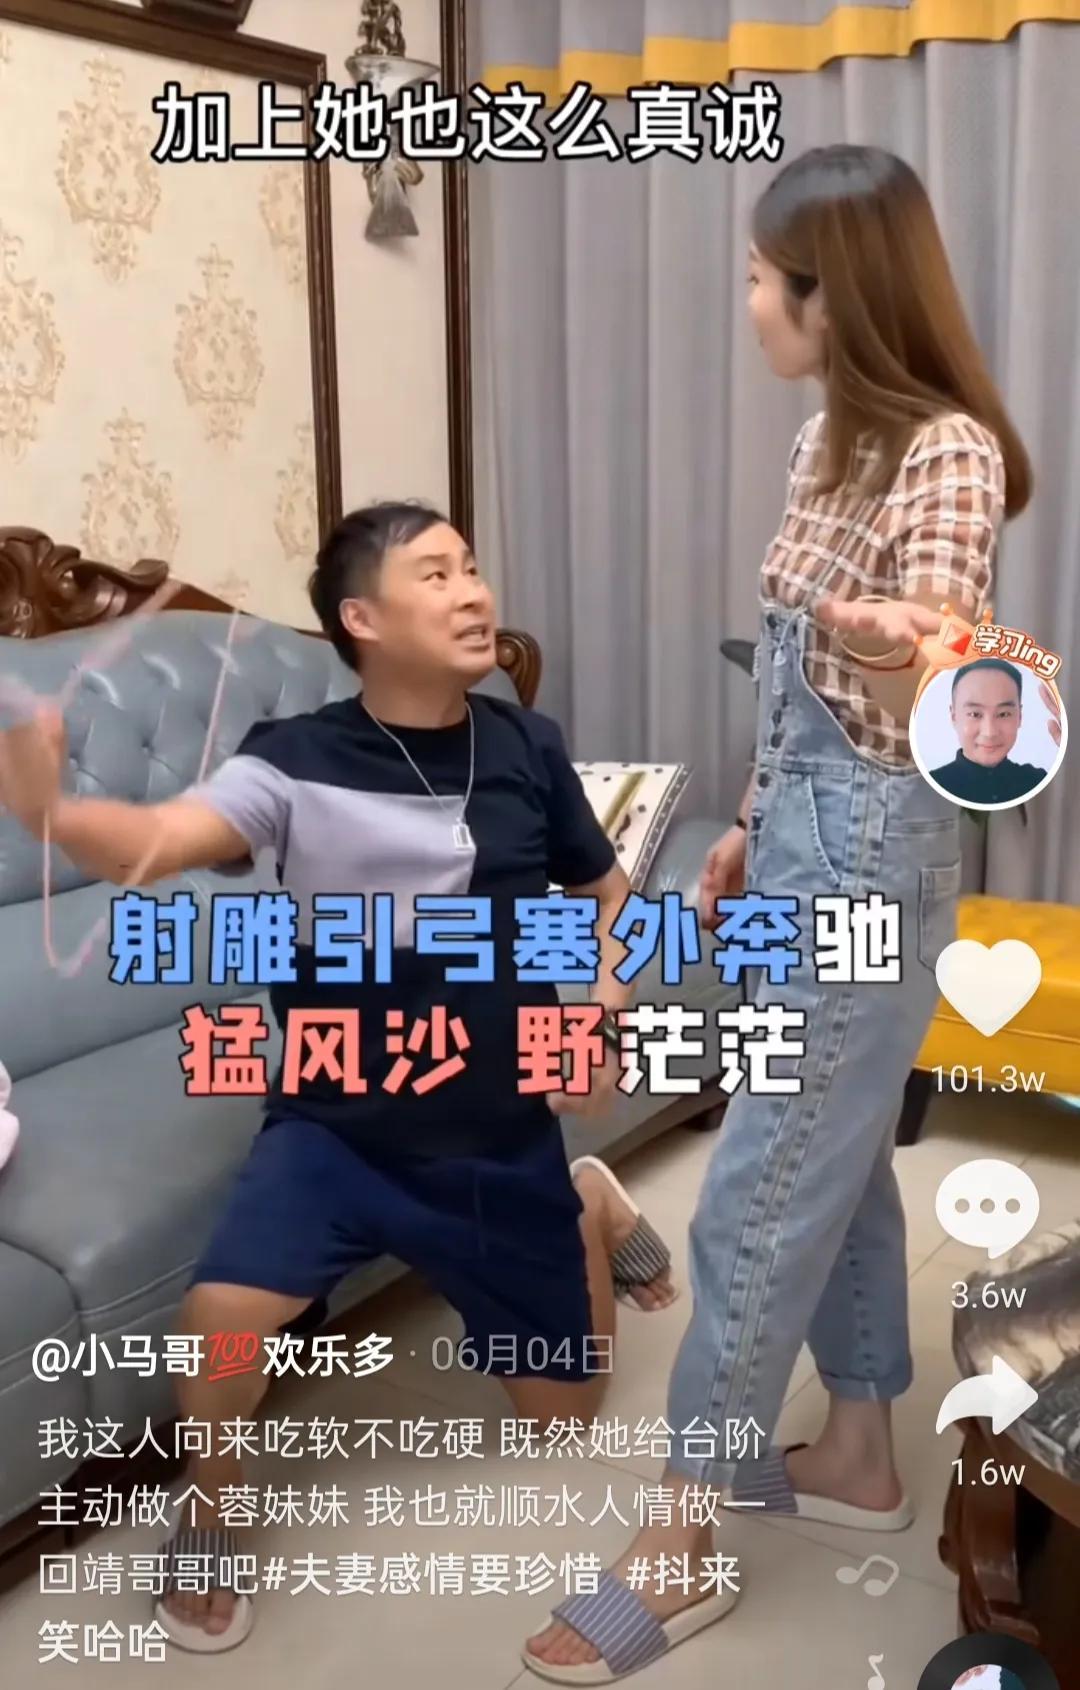 广东夫妇等抖音上超火的三对夫妇你知道吗?